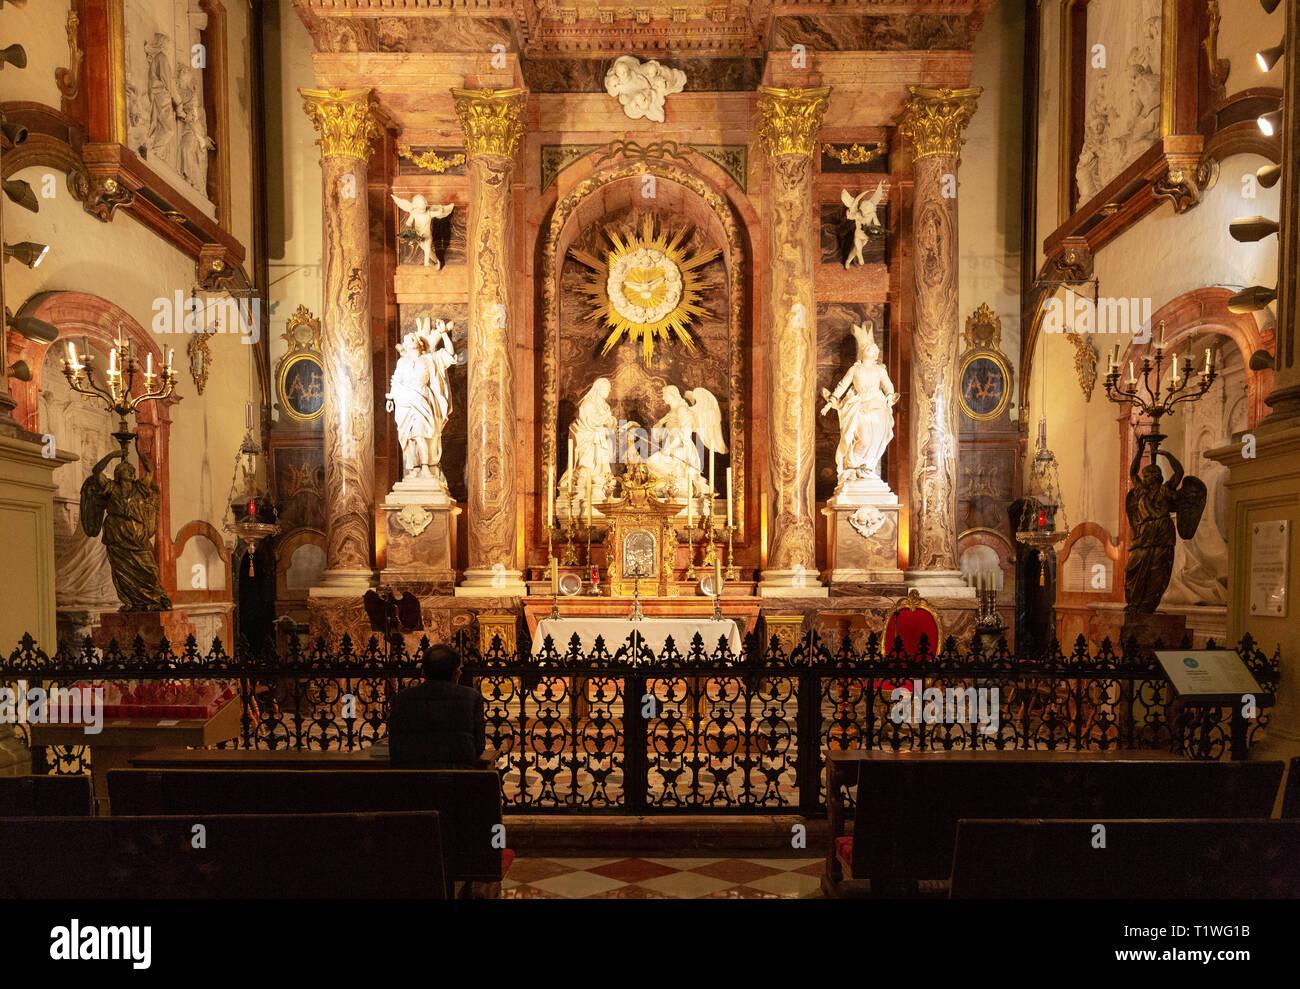 L'intérieur de la cathédrale de Malaga; un homme de prier à la chapelle de l'Incarnation, la cathédrale de Malaga, Malaga, Andalousie Espagne vieille ville Banque D'Images